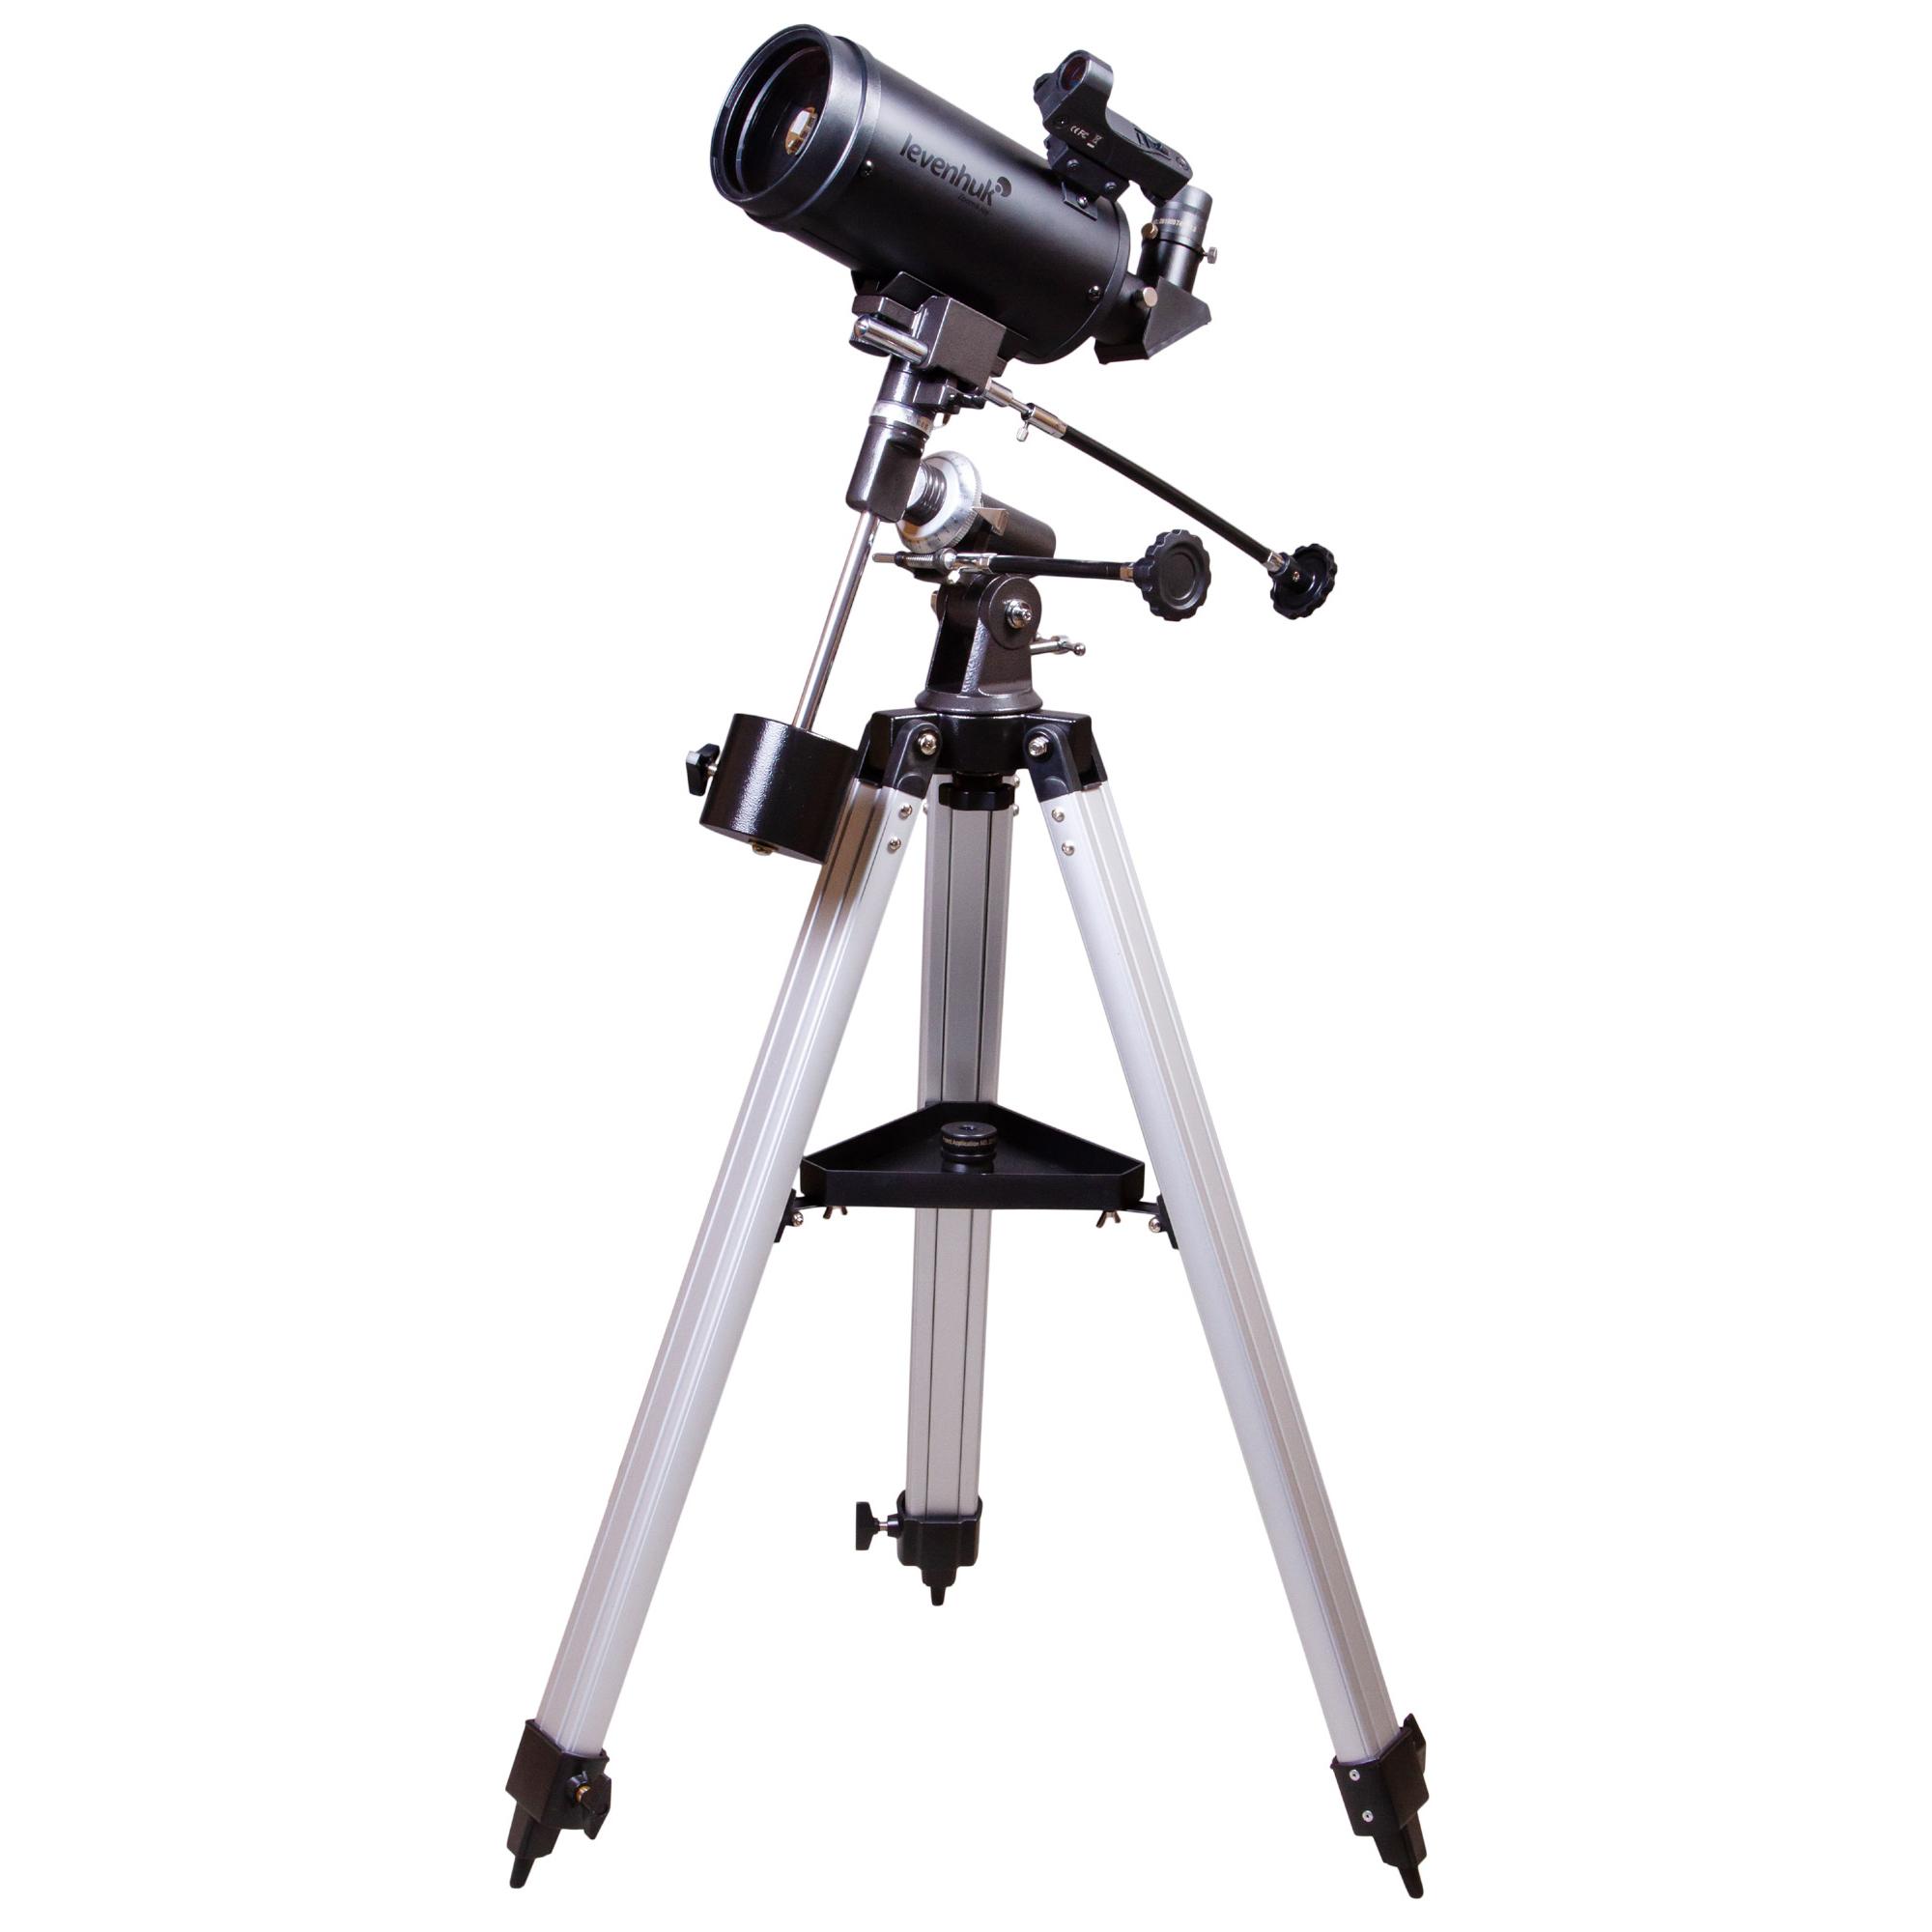 Фото - Телескоп Levenhuk Skyline PLUS 90 MAK (+ Книга знаний «Космос. Непустая пустота» в подарок!) дефлектор капота skyline mitsubishi lancer 10 2007